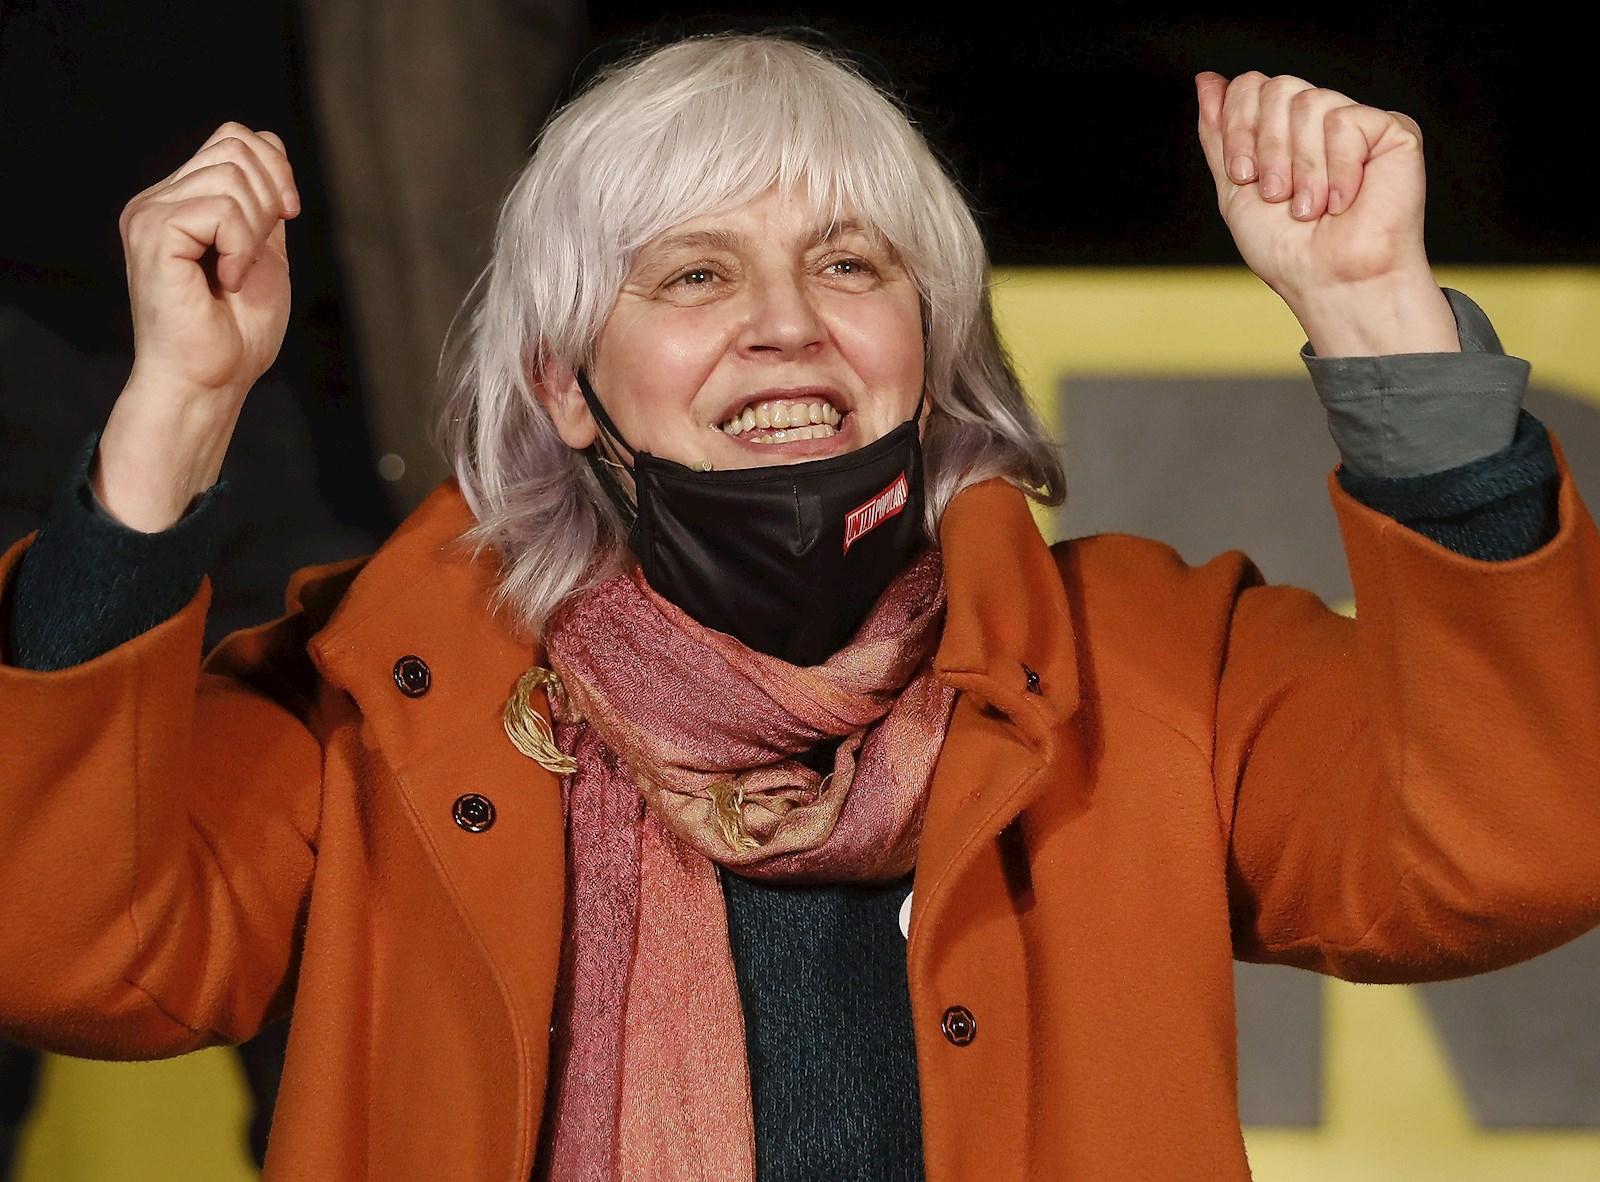 La candidata de la CUP a la presidencia de la Generalitat, Dolors Sabater, durante el acto final de campaña de las elecciones catalanas del 14F que su partido celebra este viernes en Barcelona. EFE/Andreu Dalmau